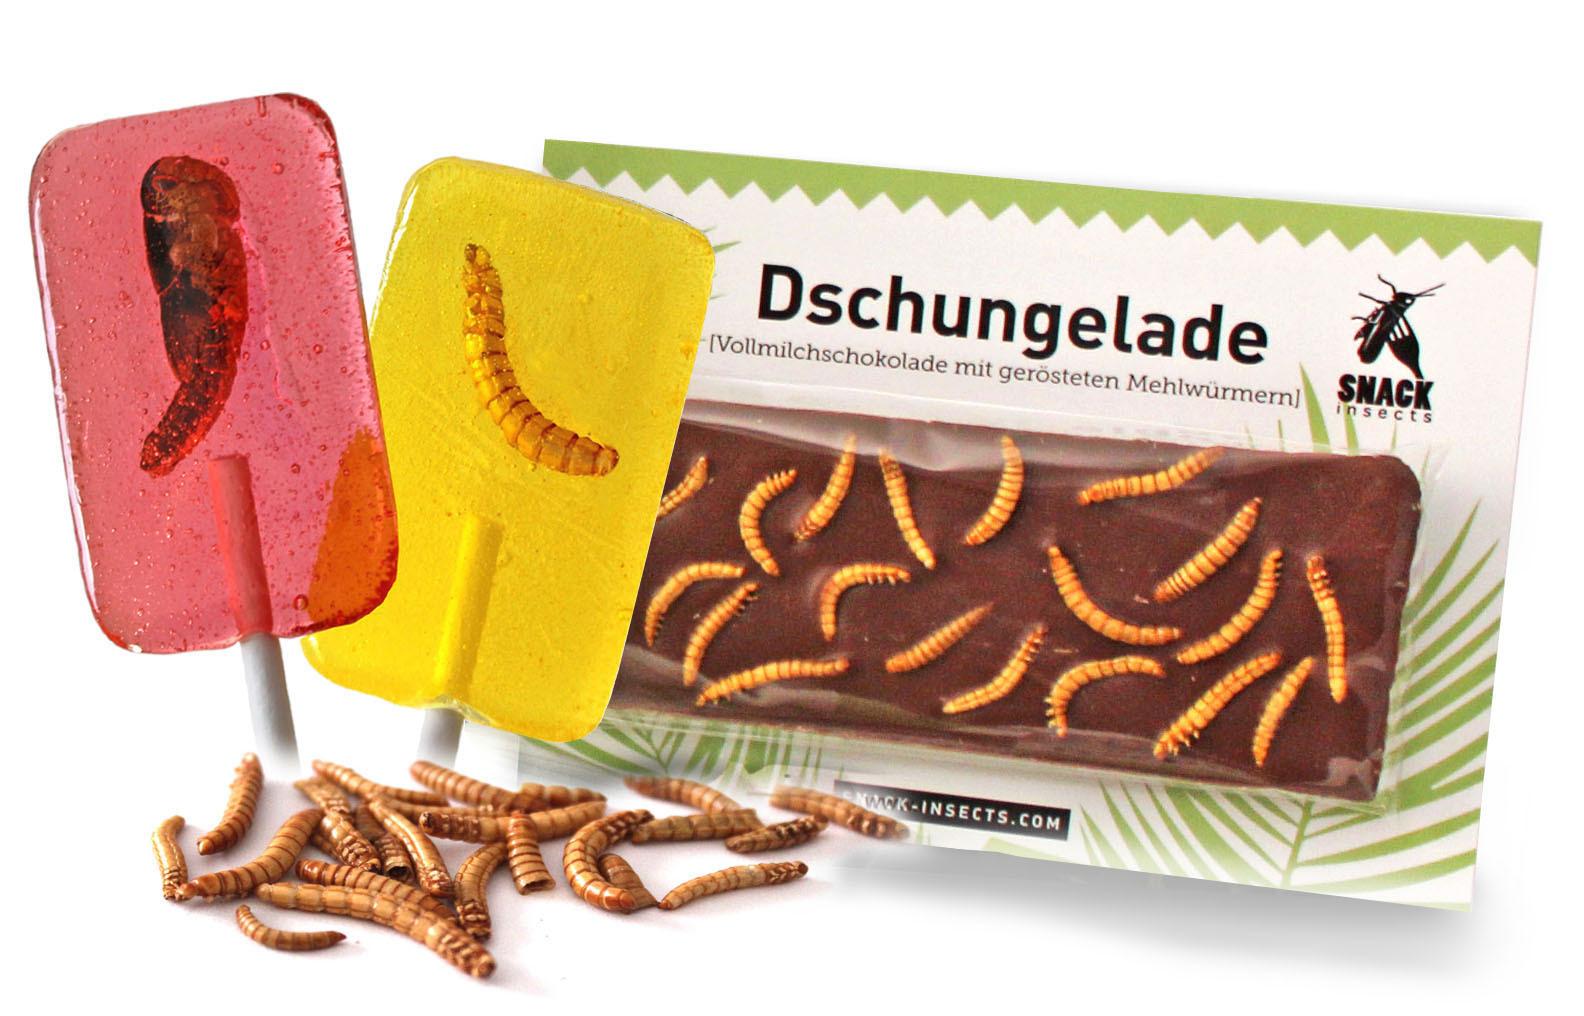 Insekten-Lutscher__Dschungelade_insekten_essen_snack-insects